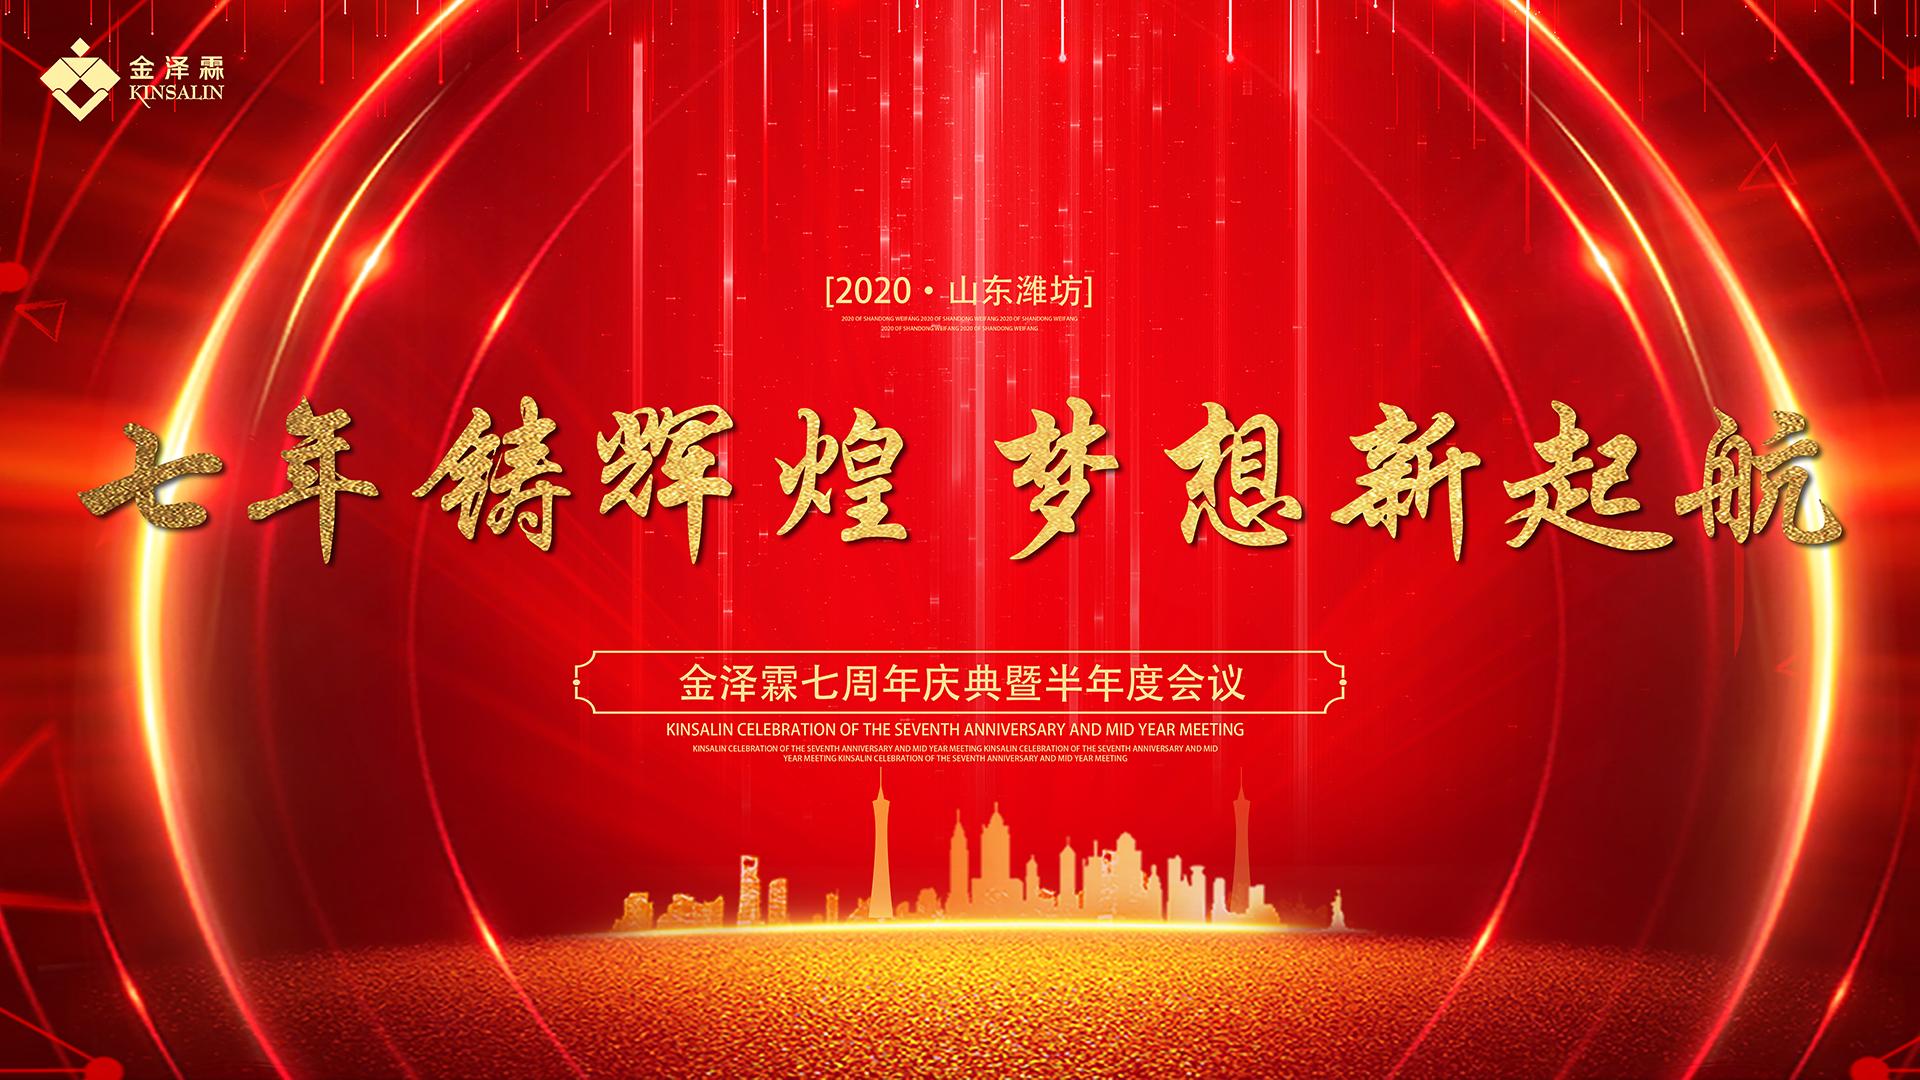 七年铸辉煌 梦想新起航丨金泽霖七周年庆典暨半年度会议在潍坊滨海圆满举行